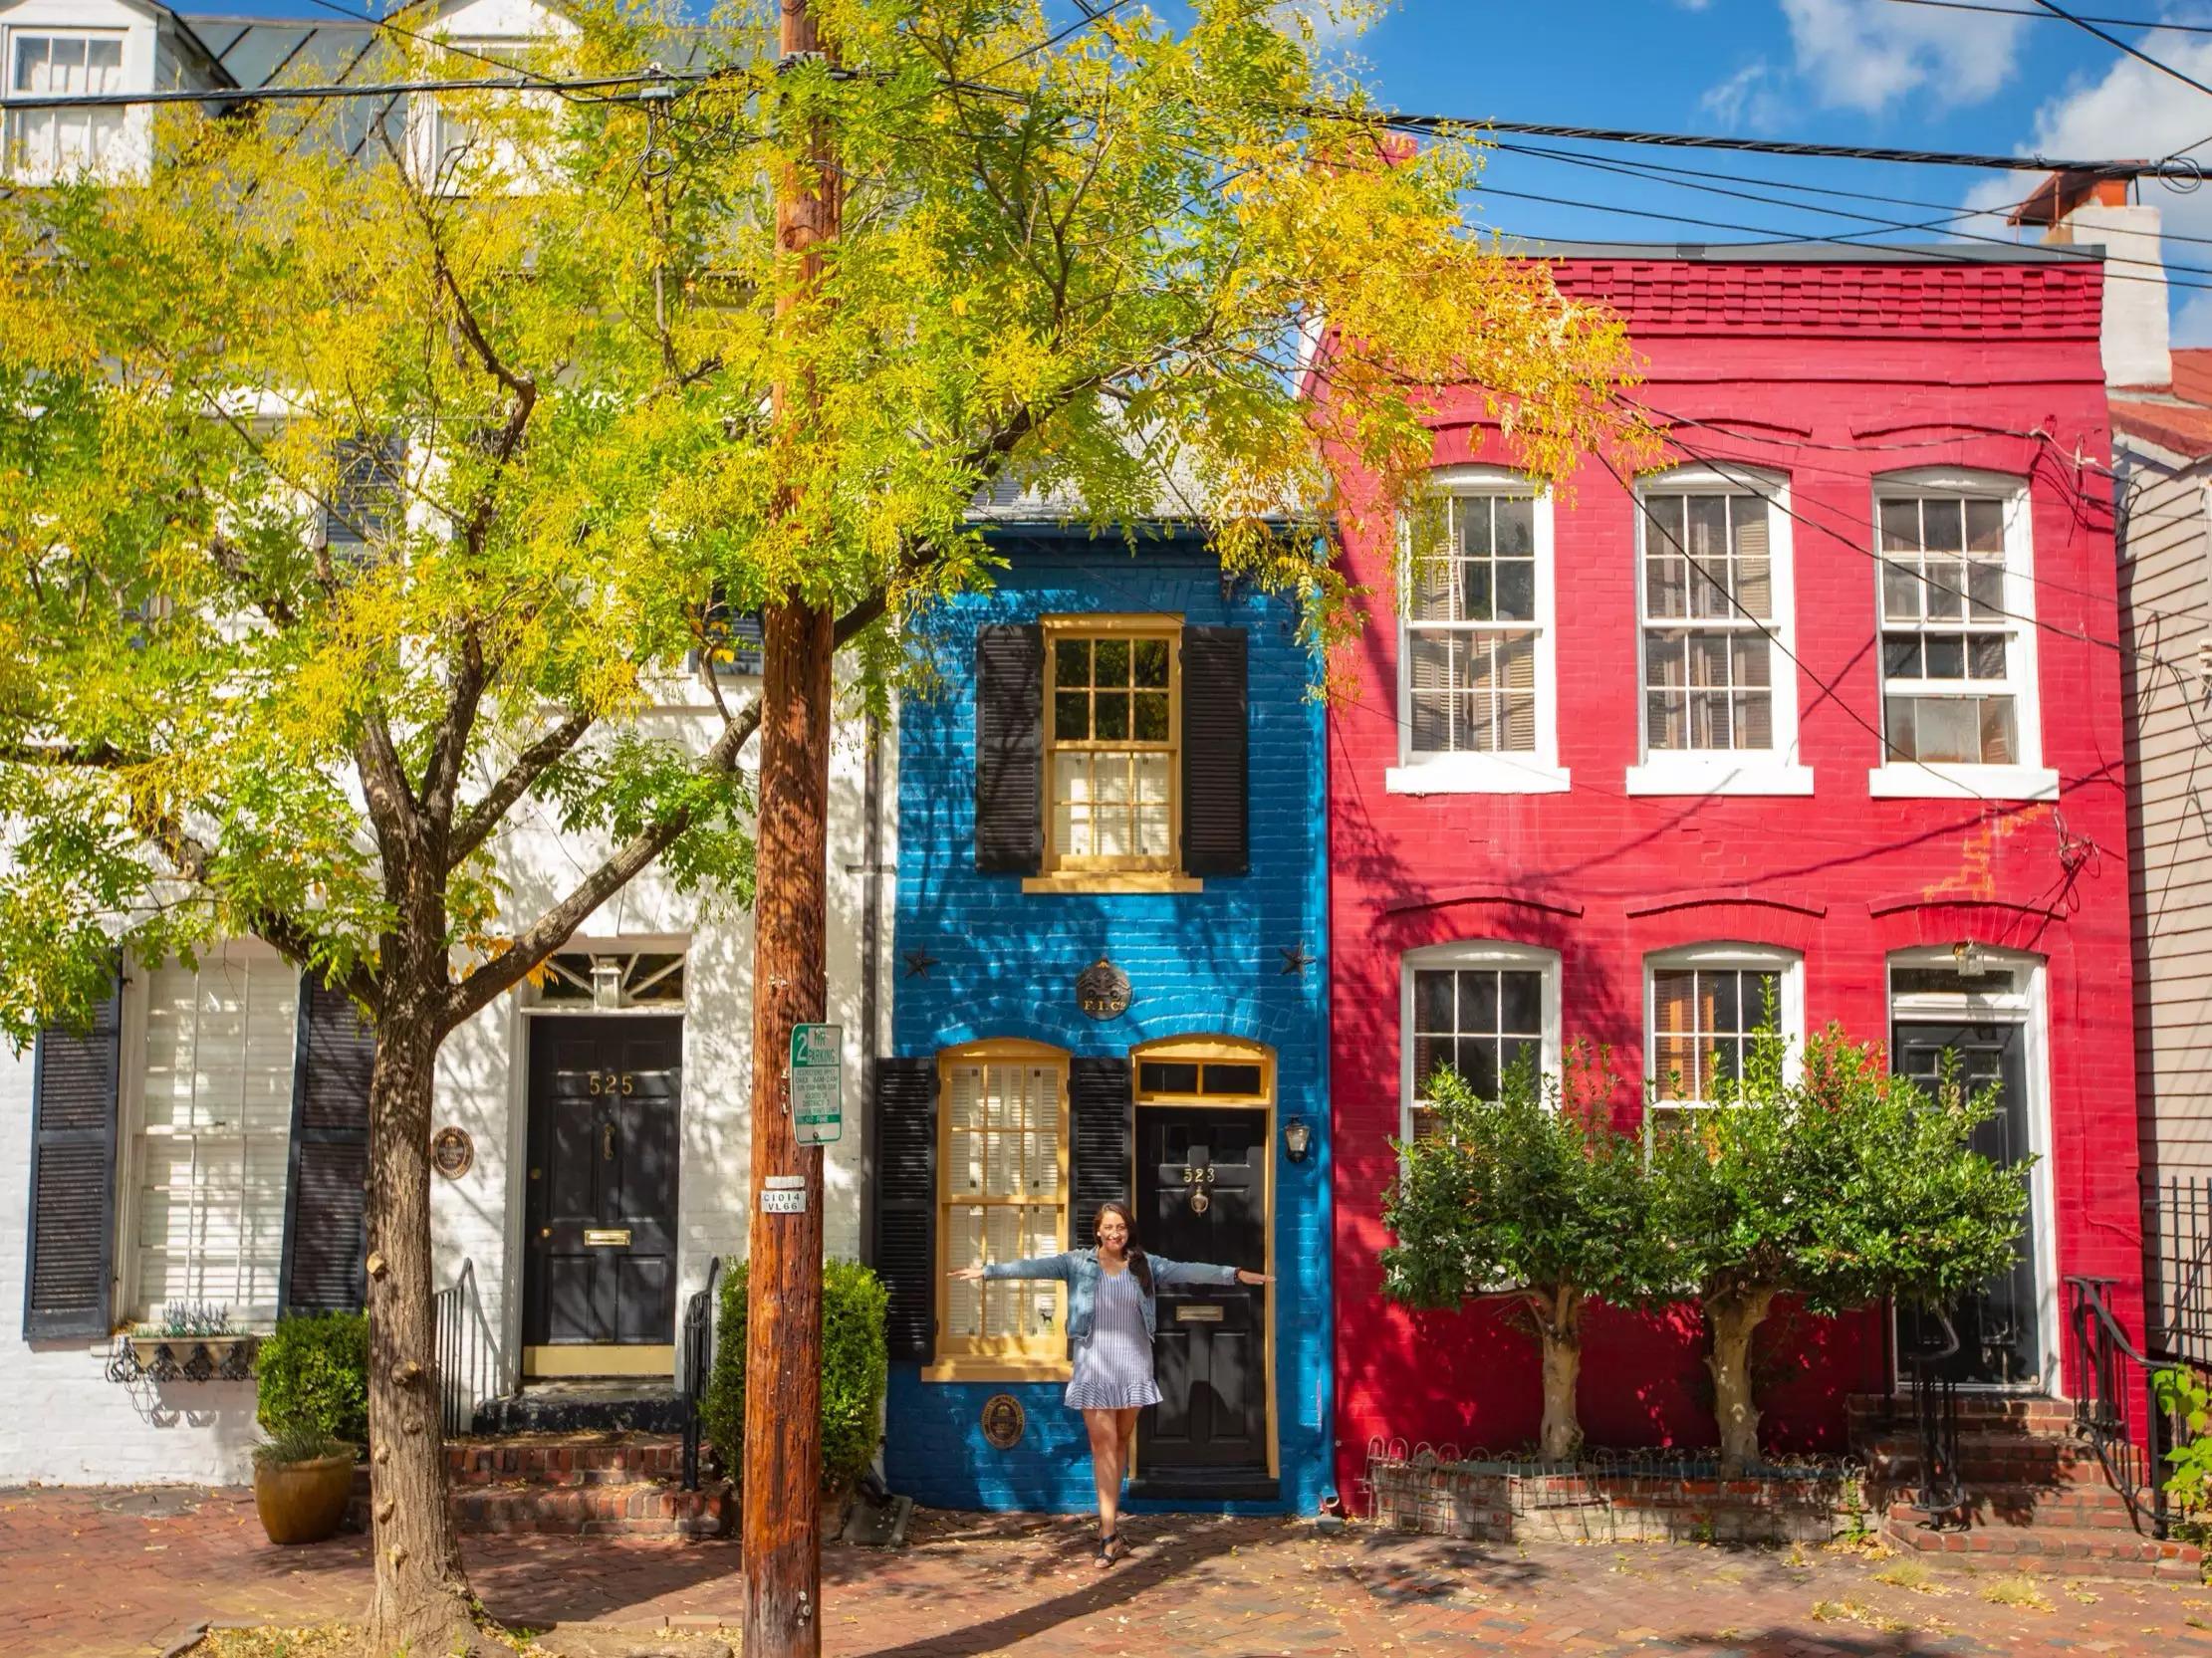 Mặc dù được xây vì không ưa hàng xóm, ngôi nhà hiện tại được nhiều du khách đánh giá là rất cuốn hút. Ảnh: Kristian Summerer/Visit Alexandria